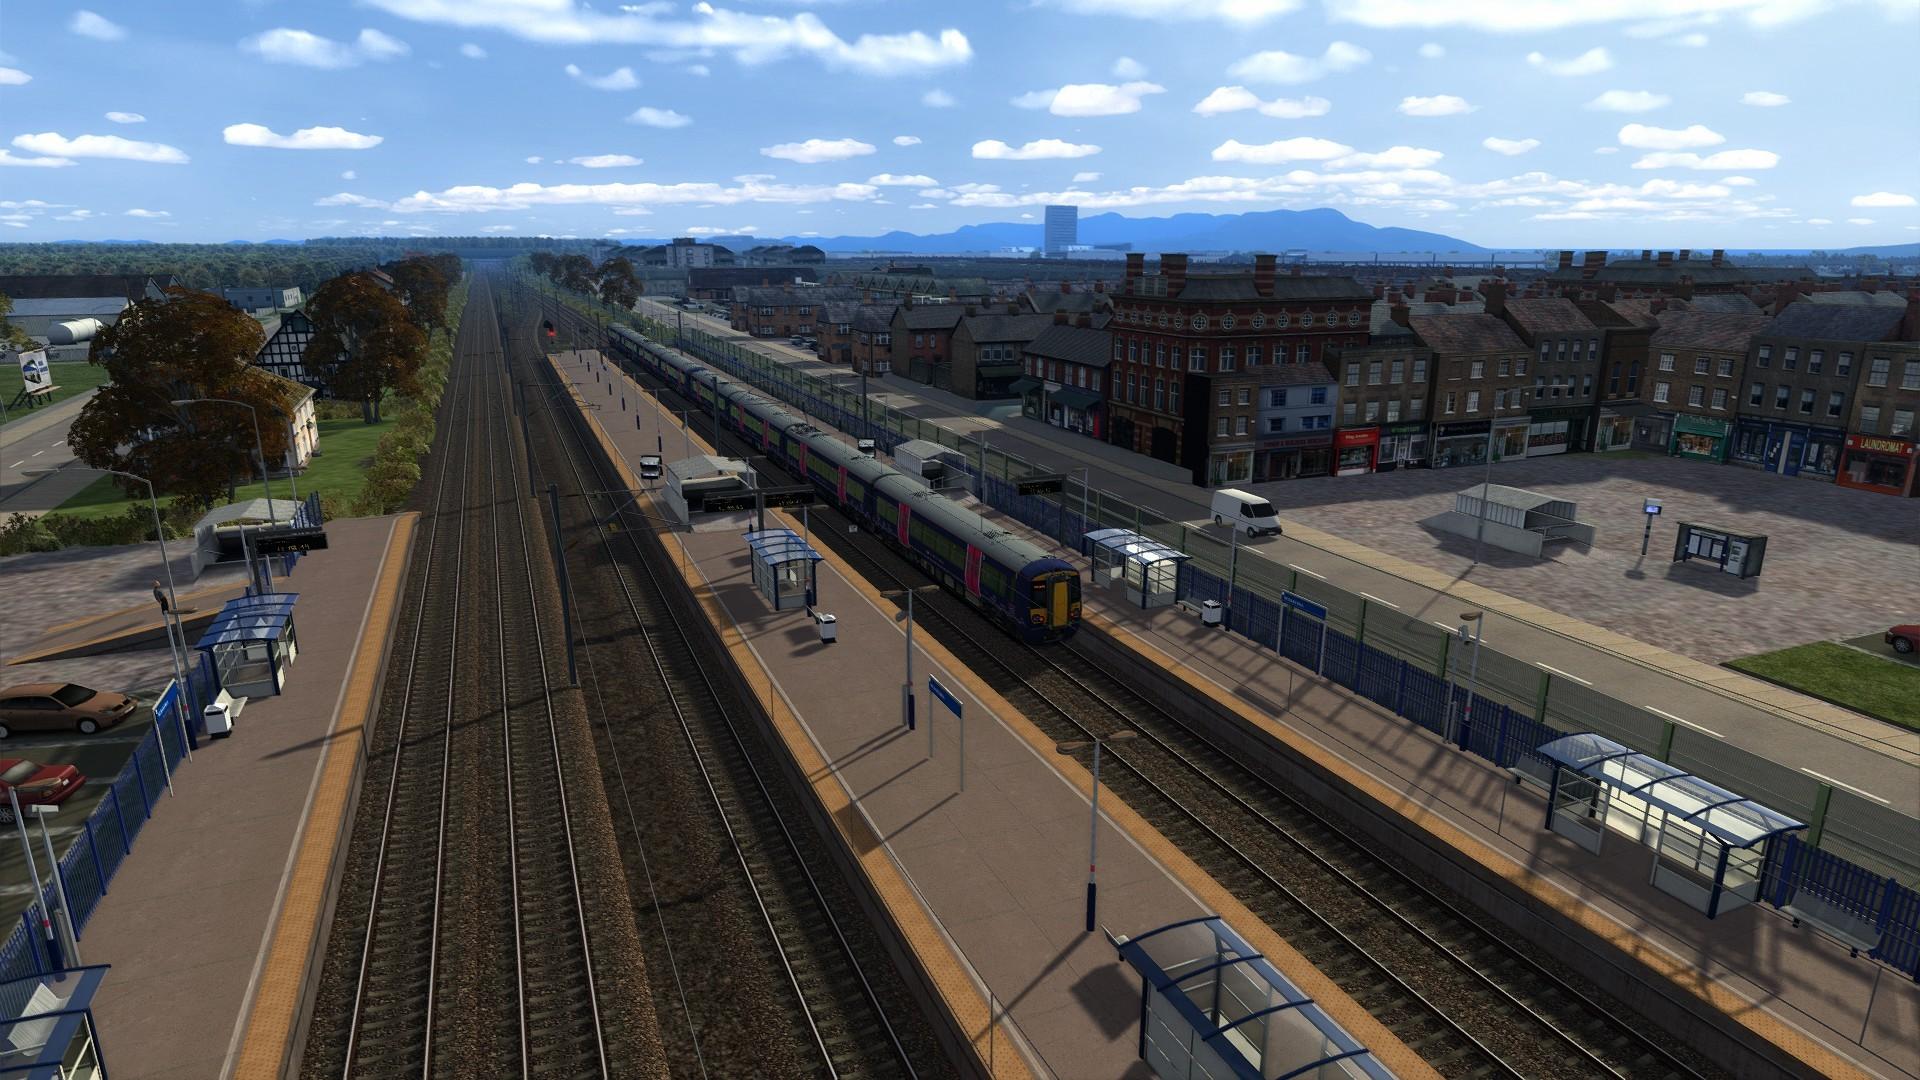 Nebarenka revamped station